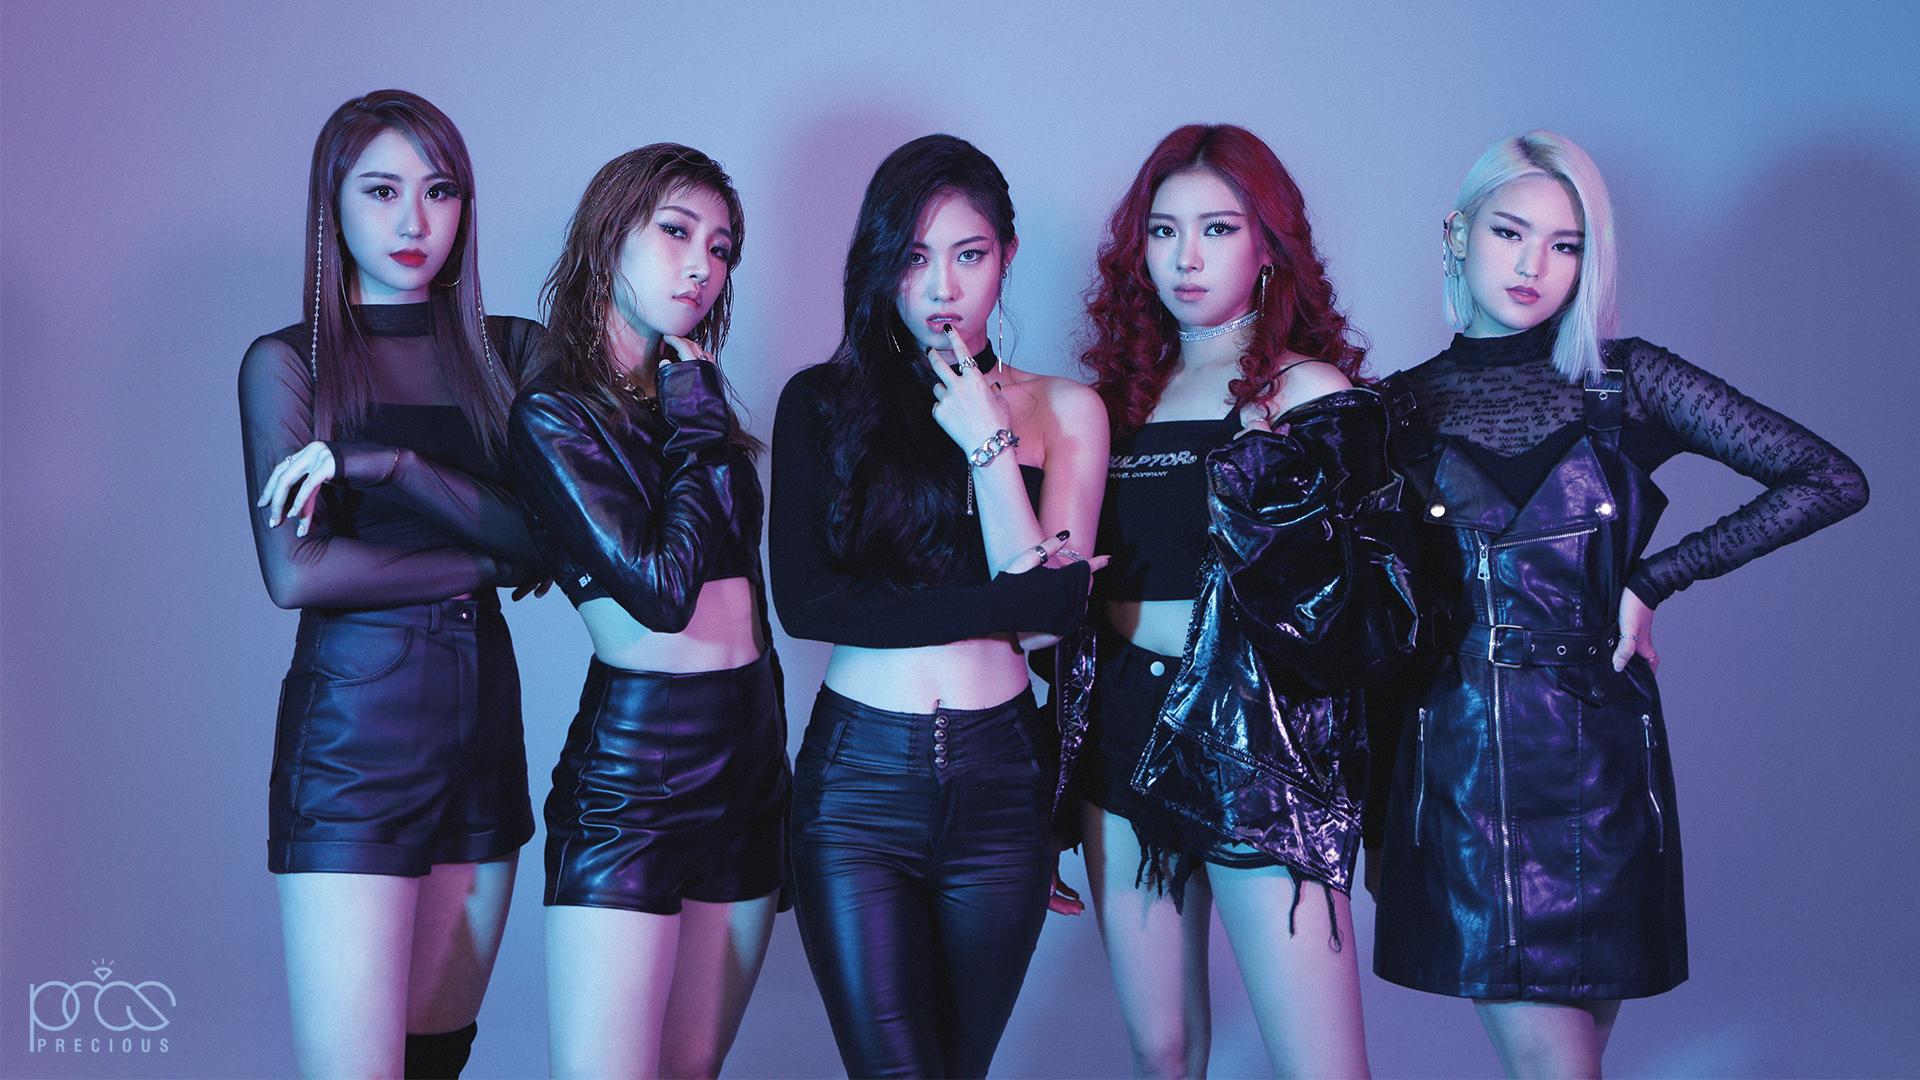 23일(수), 프레셔스(PRECIOUS) 데뷔 싱글 앨범 'BEBE (놀라도 돼)' 발매 | 인스티즈